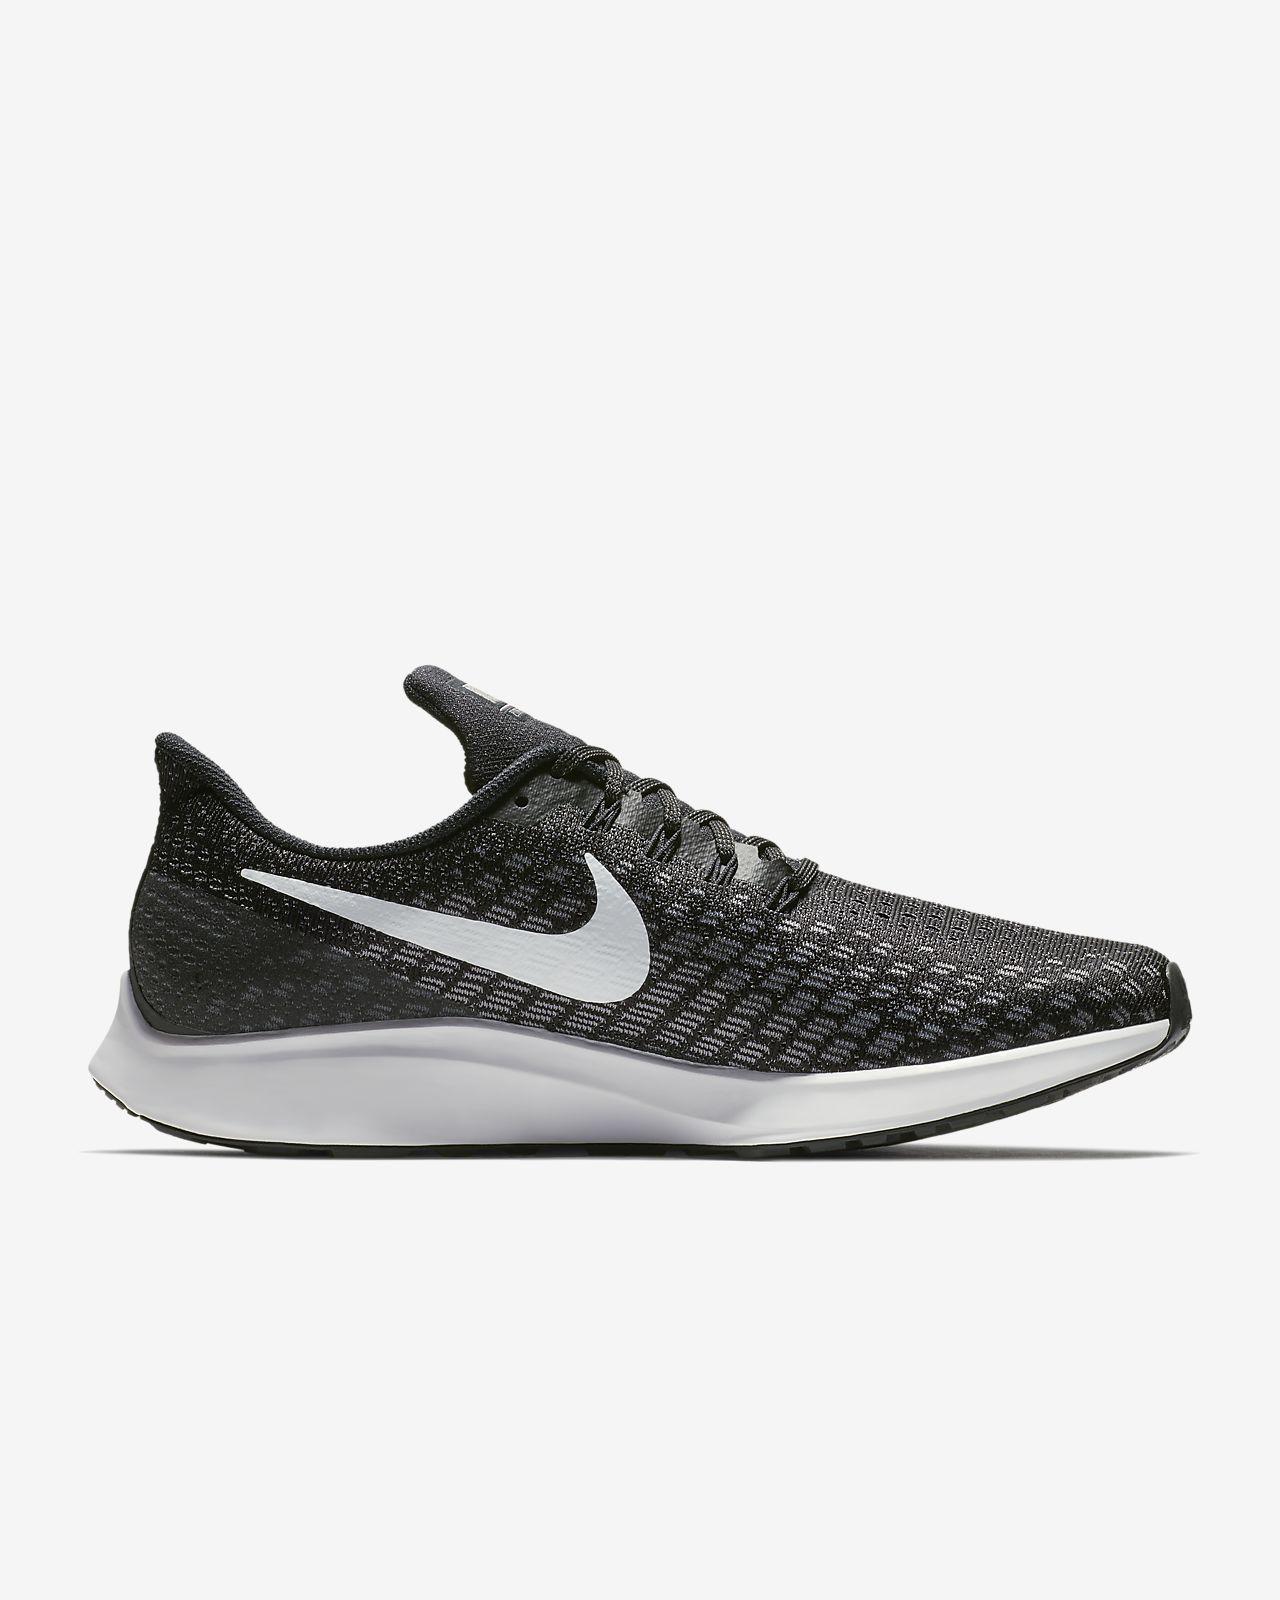 49489070185 Nike Air Zoom Pegasus 35 Zapatillas de running - Hombre. Nike.com ES